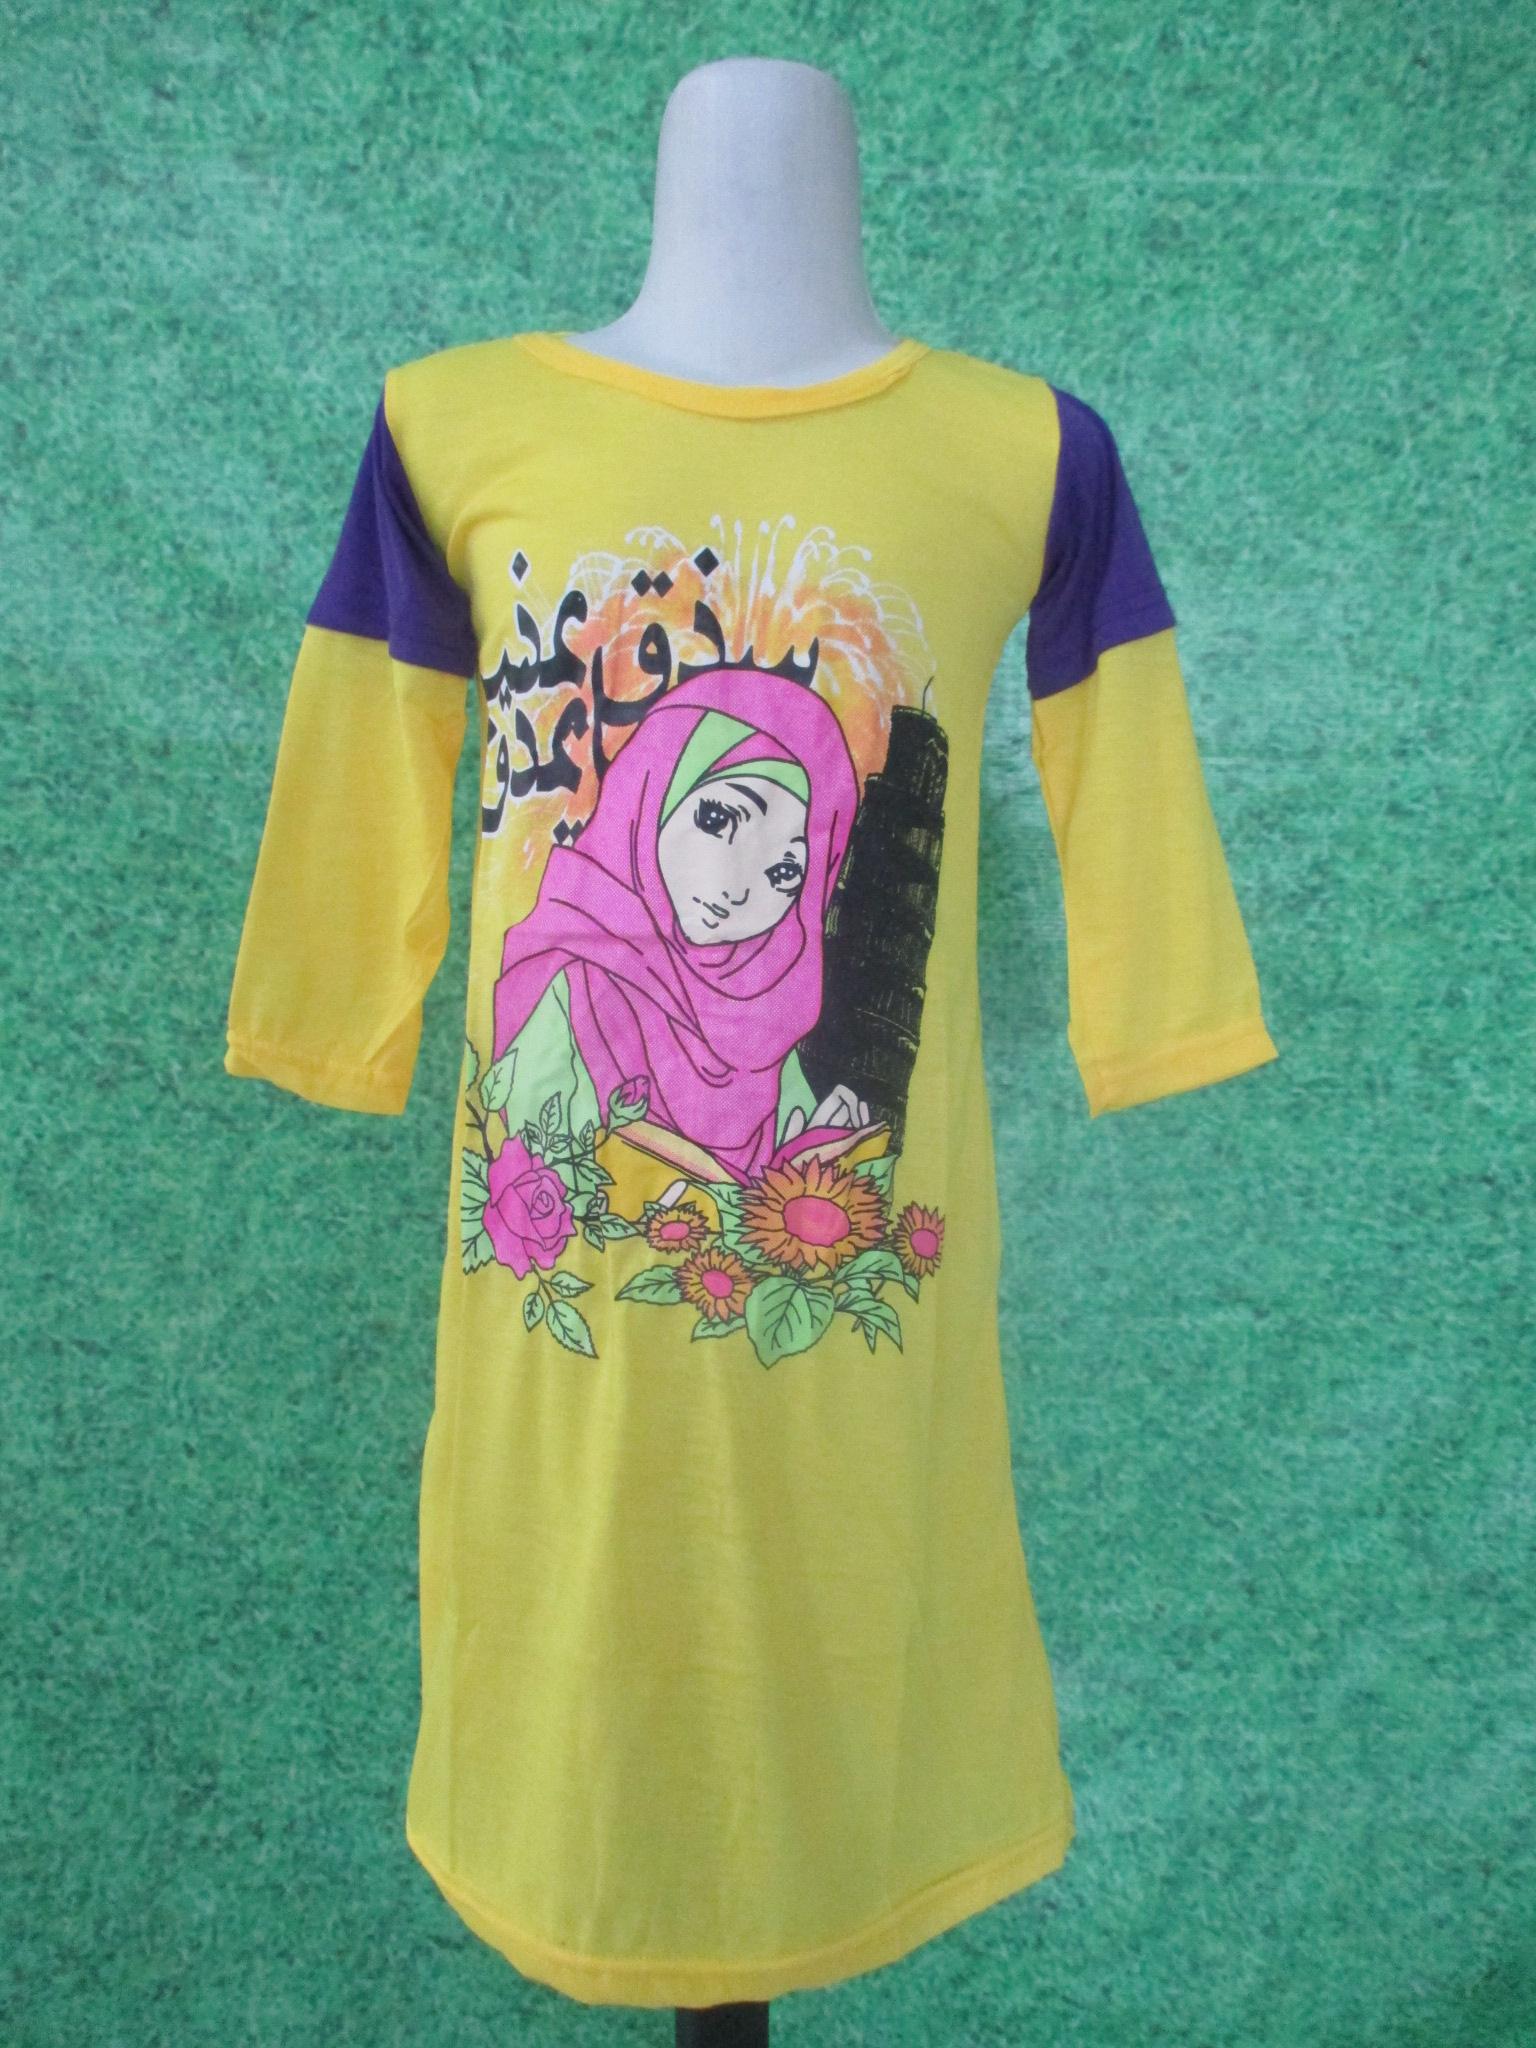 ObralanBaju.com Dress Muslim